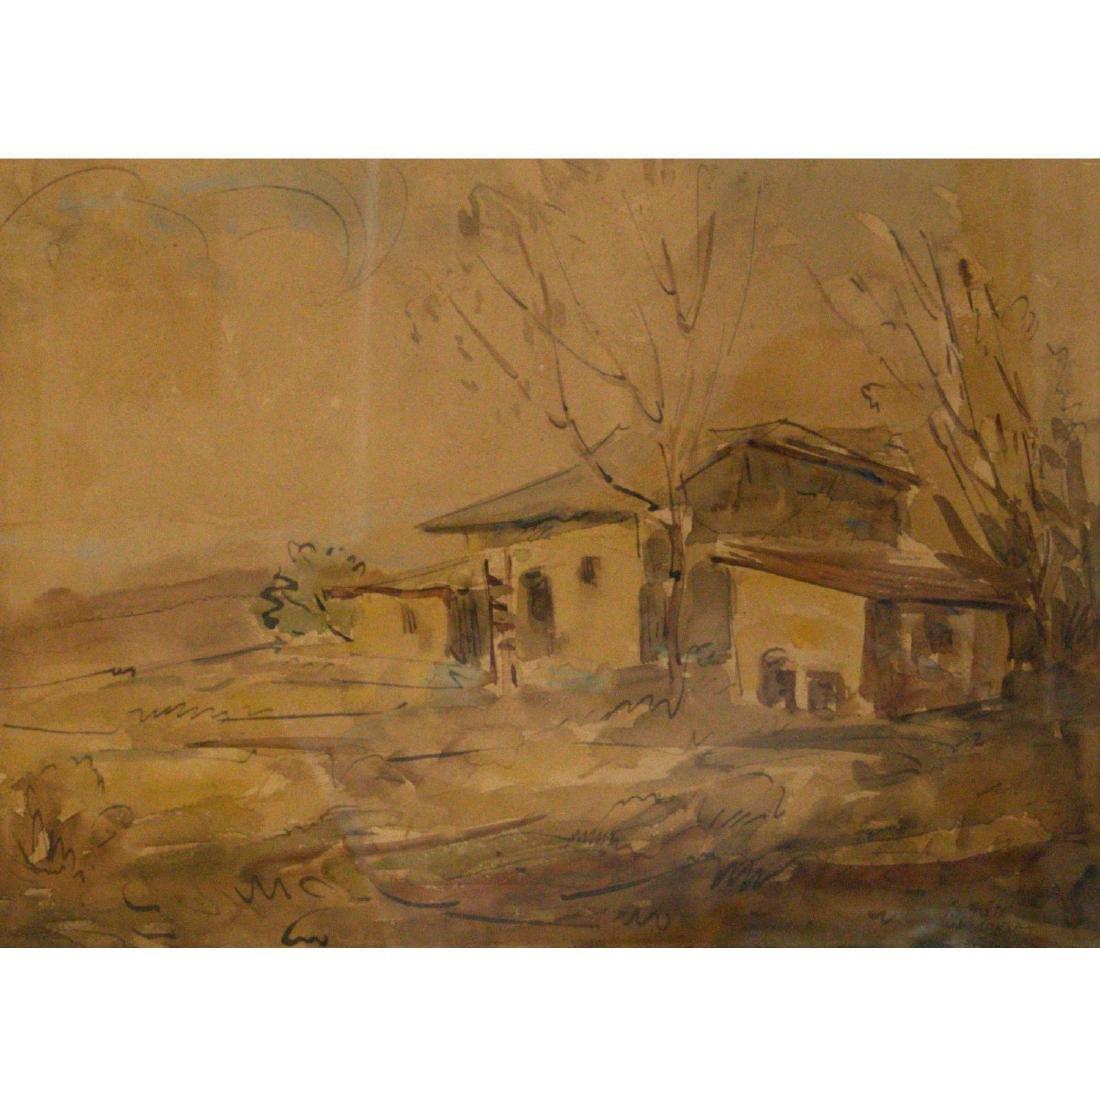 Shmuel Ovadiahu - Landscape, Watercolor on Paper.